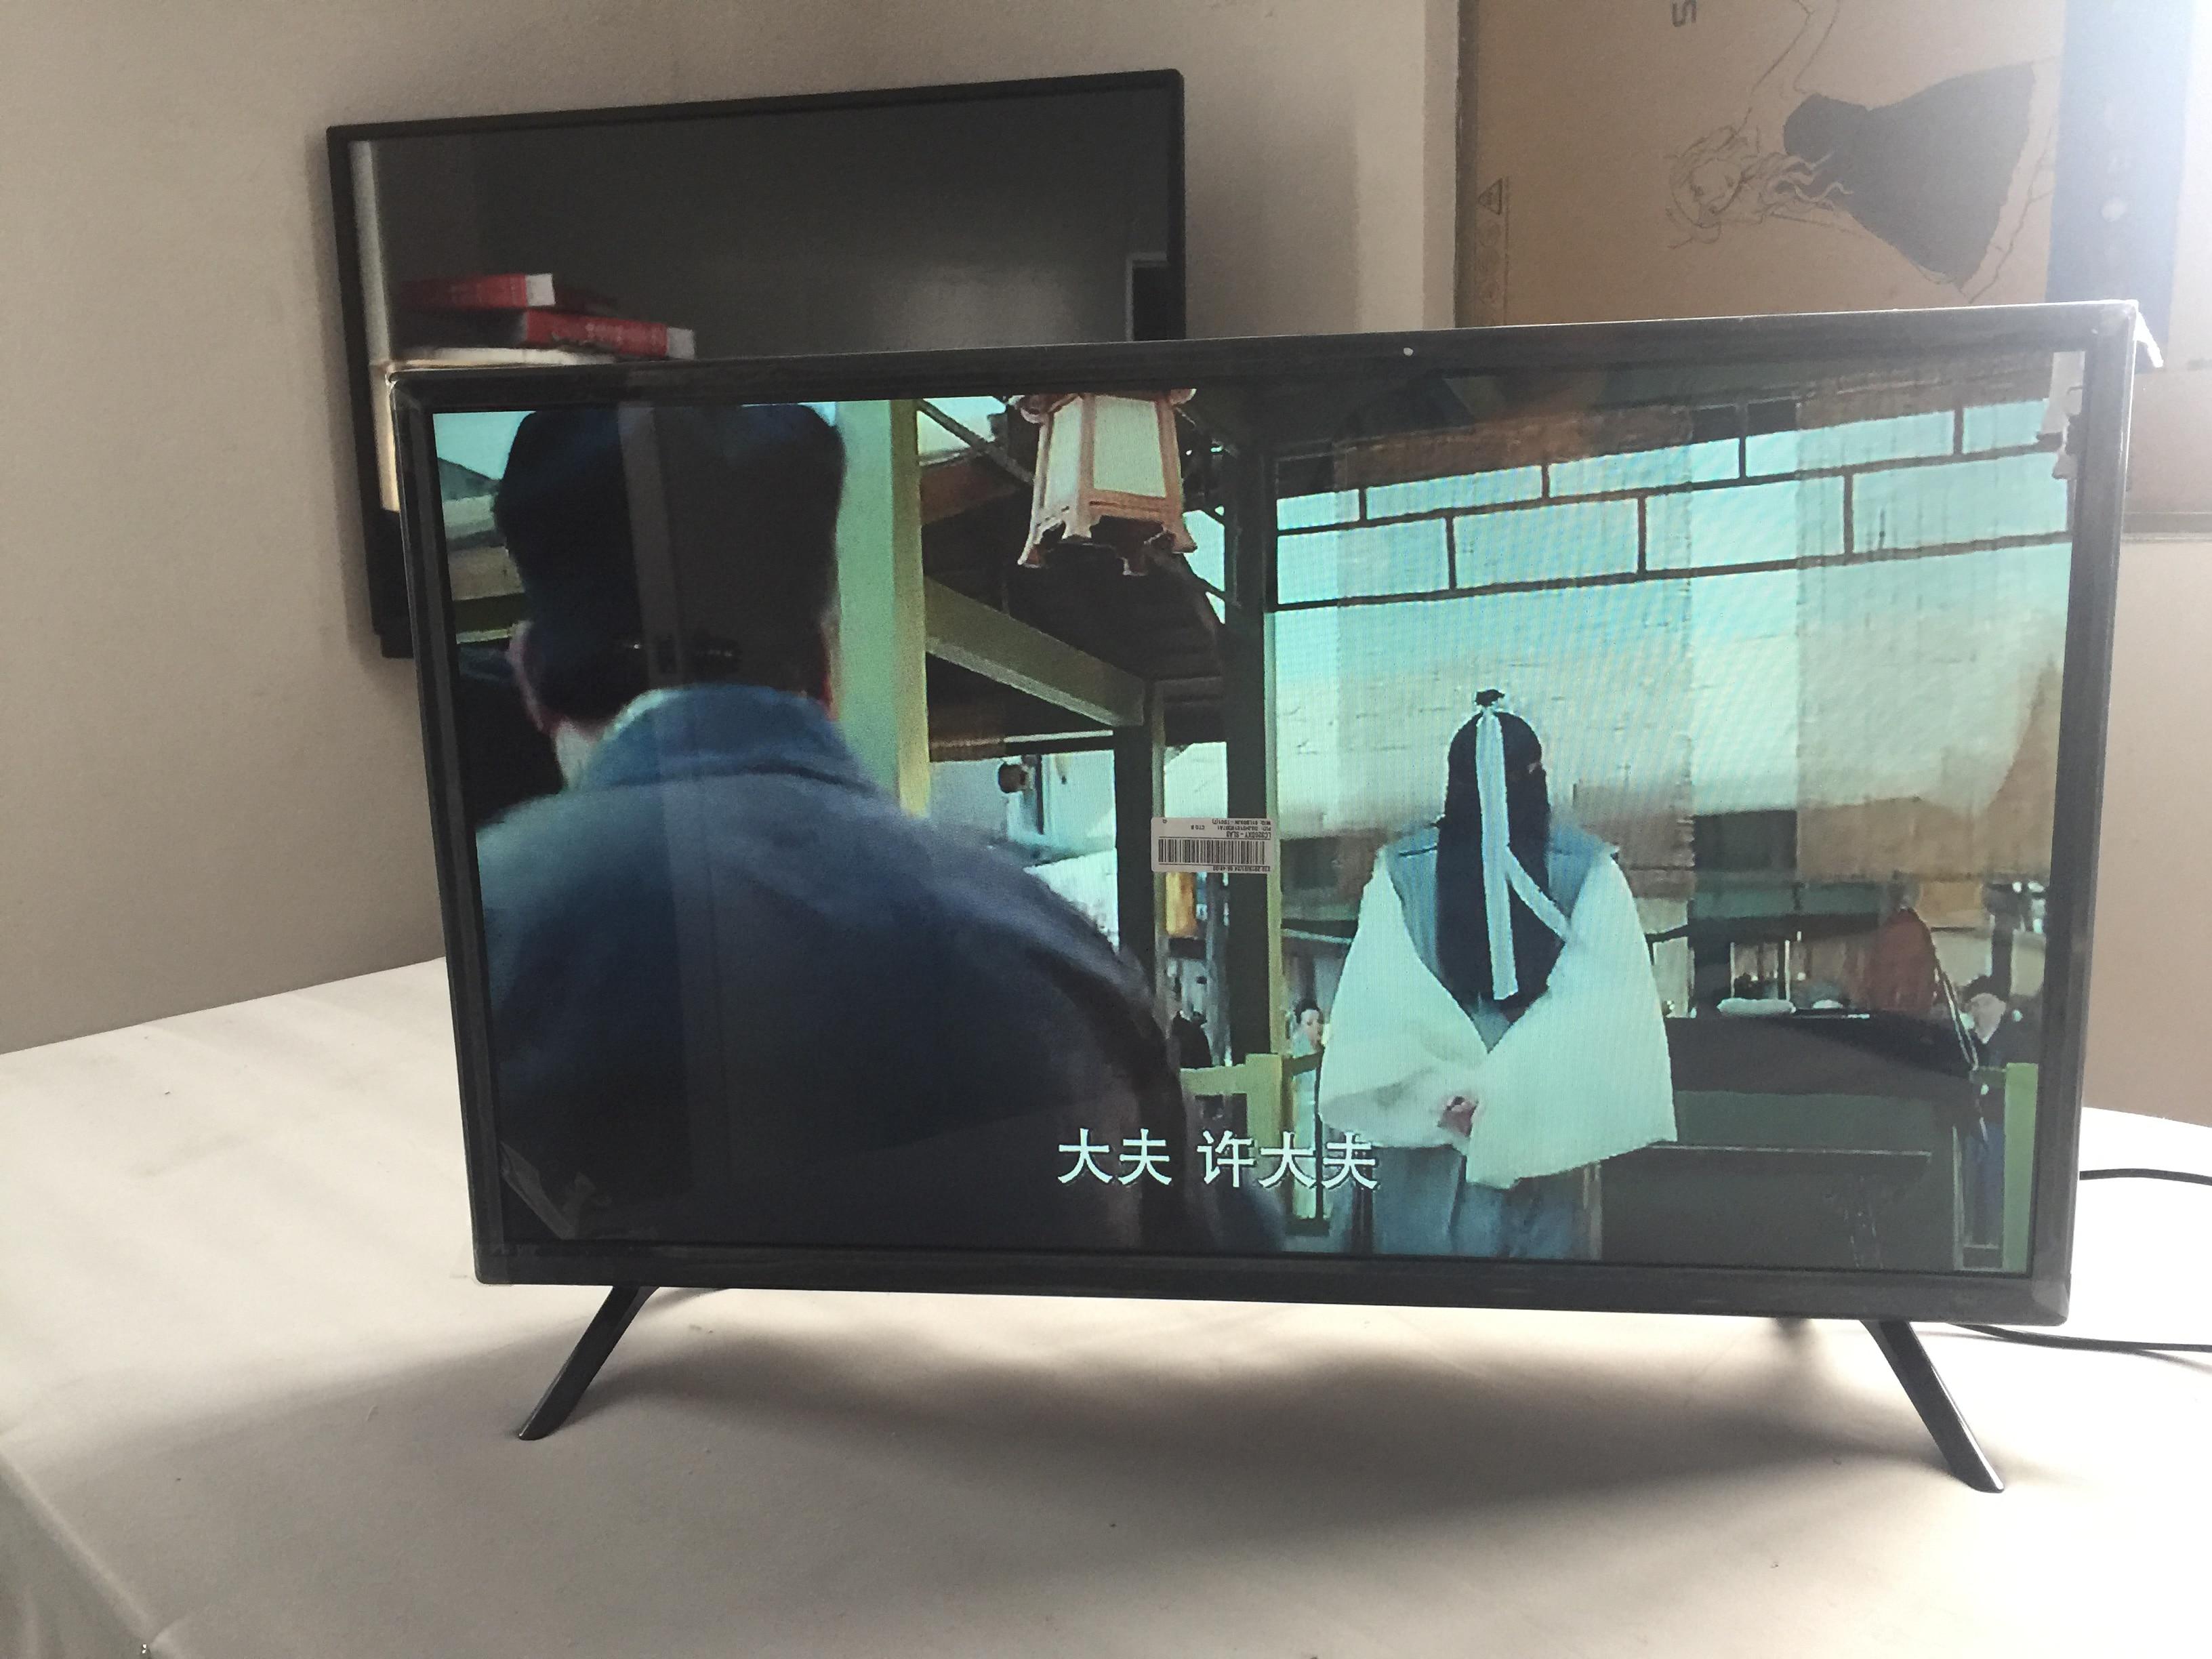 (Navio da ucrânia para ucrânia apenas) melhor monitor de exibição hd tv led 32 polegada língua múltipla versão global t2 tv